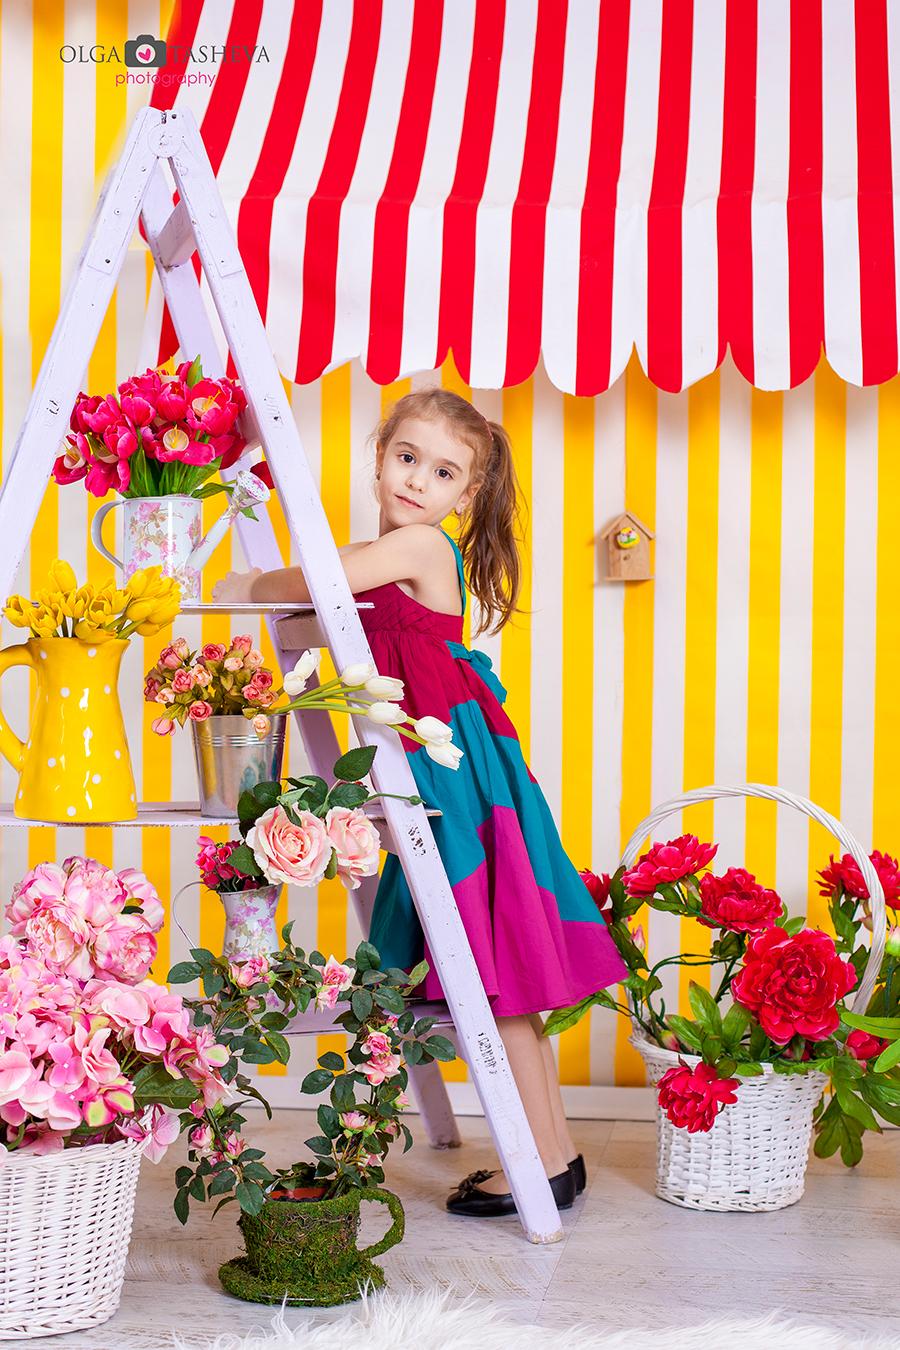 Детска фотосесия на Емир и Хелин при фотограф Олга Ташева. Фото студио Варна. Детска, бебешка и семейна фотография. Фотограф Варна - 564633